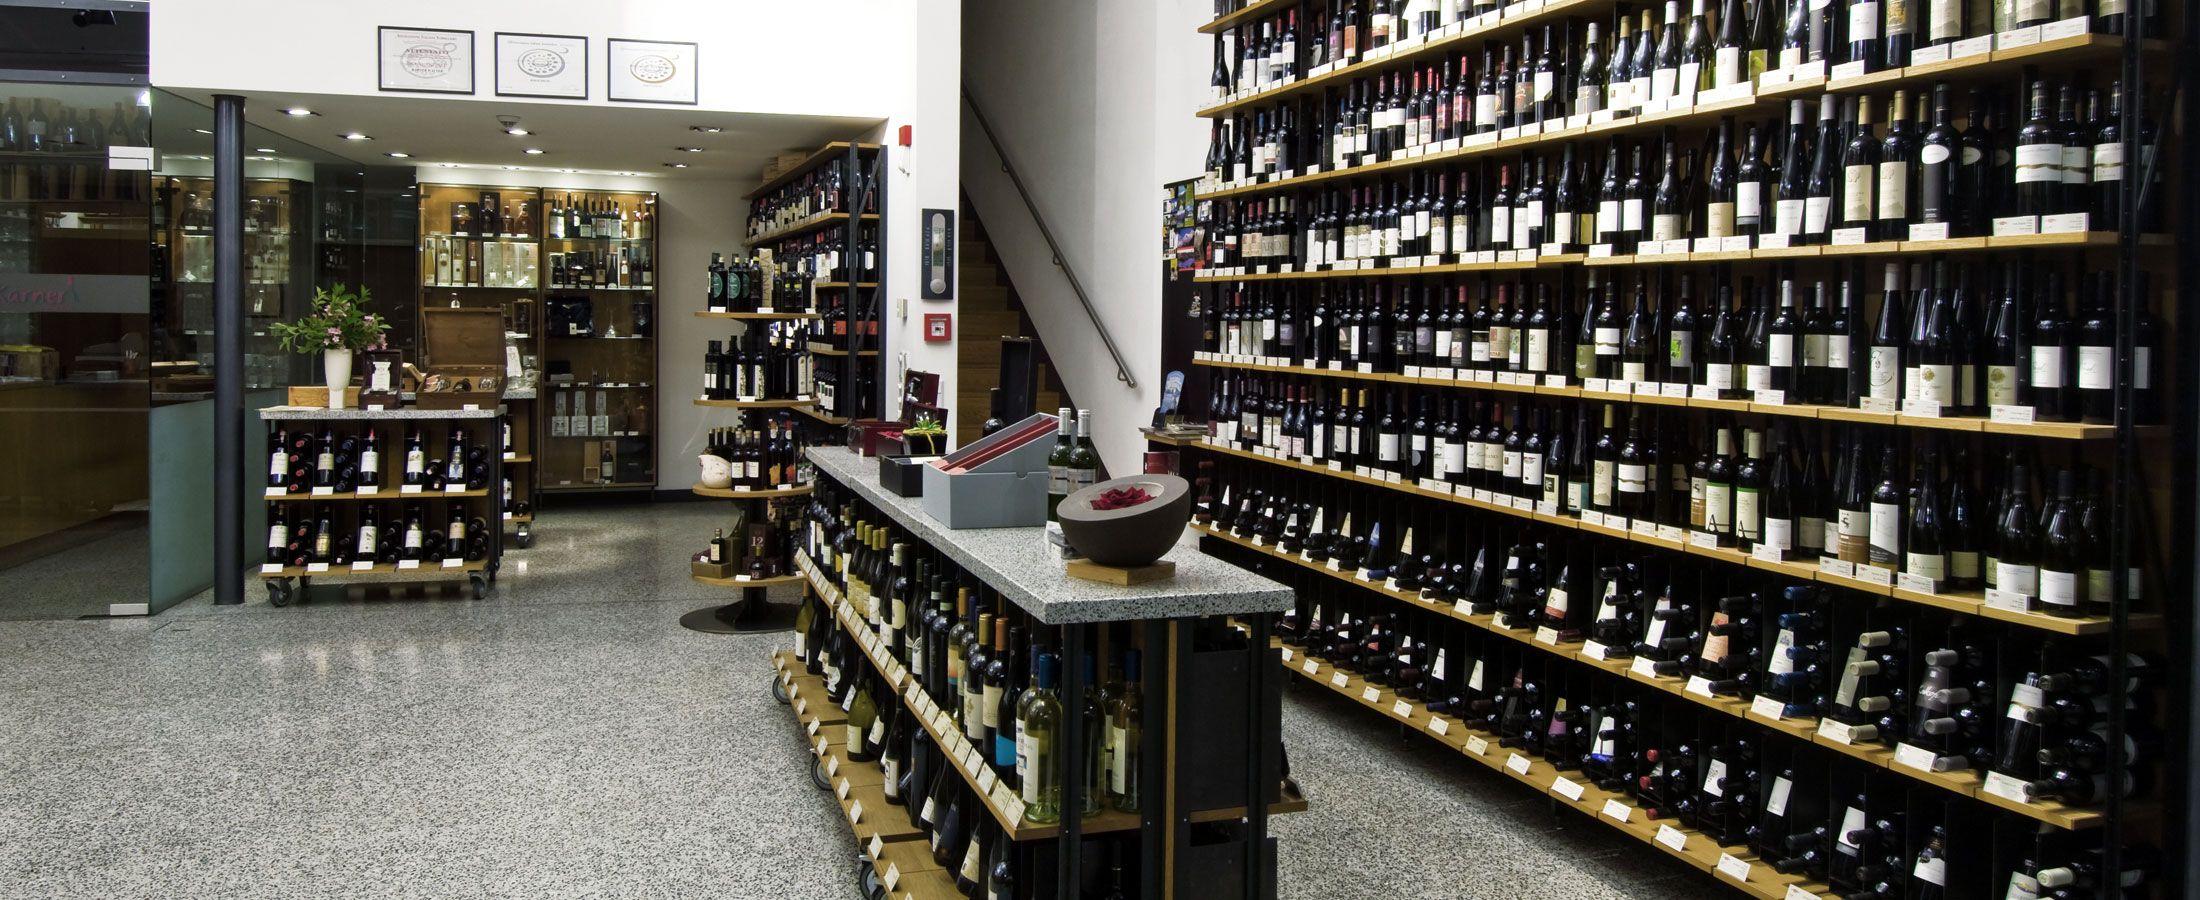 Vinothek Wein Plus